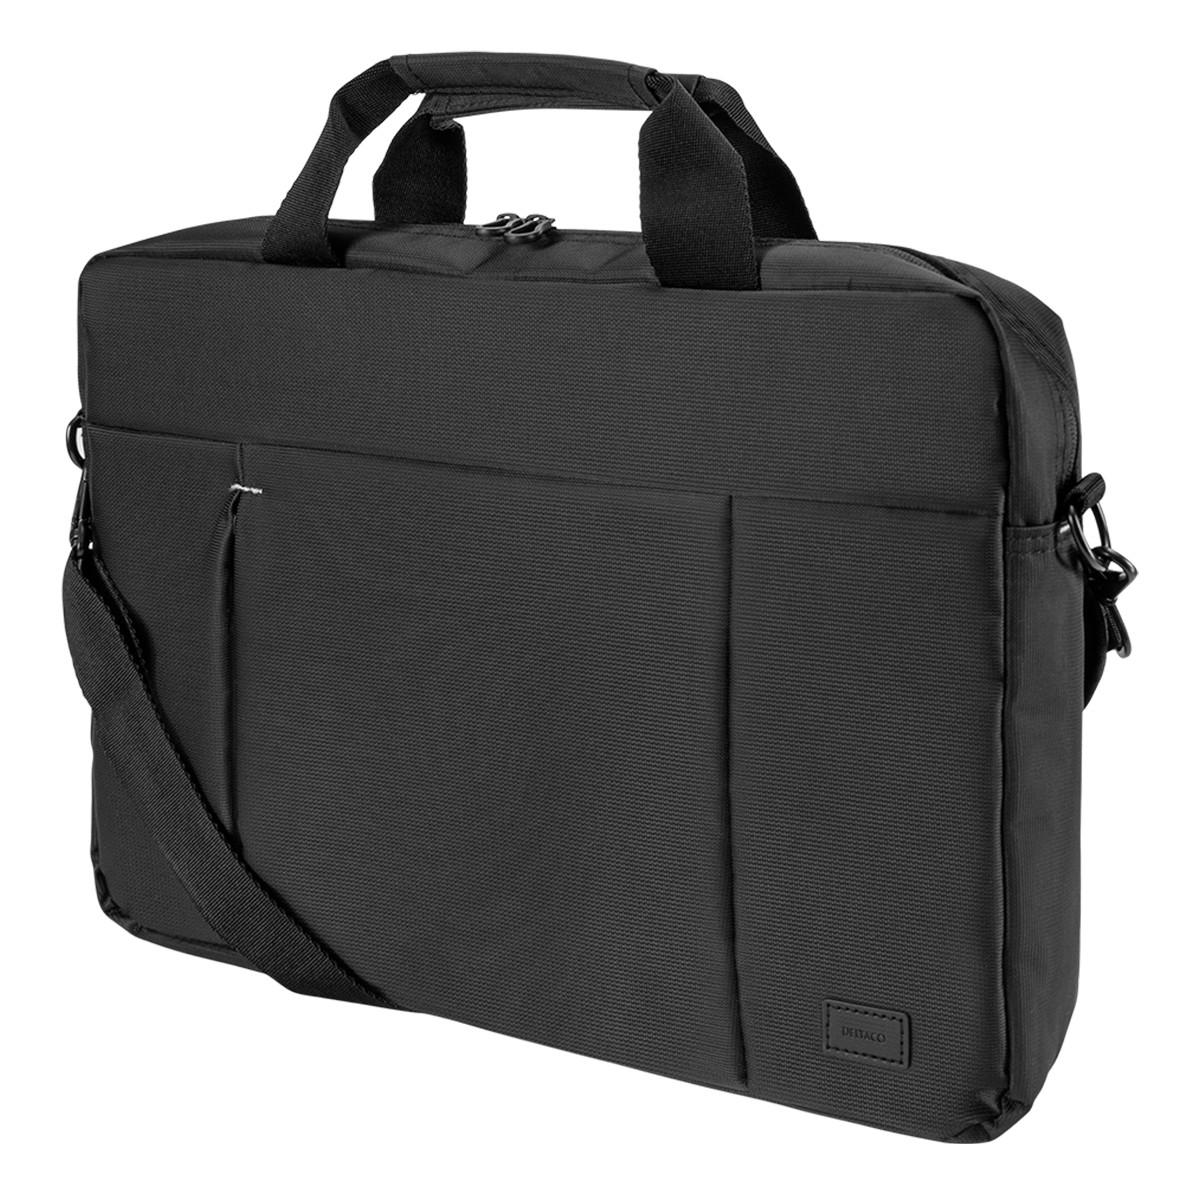 Deltaco Datorväska för laptops upp till 13-14 tum, svart